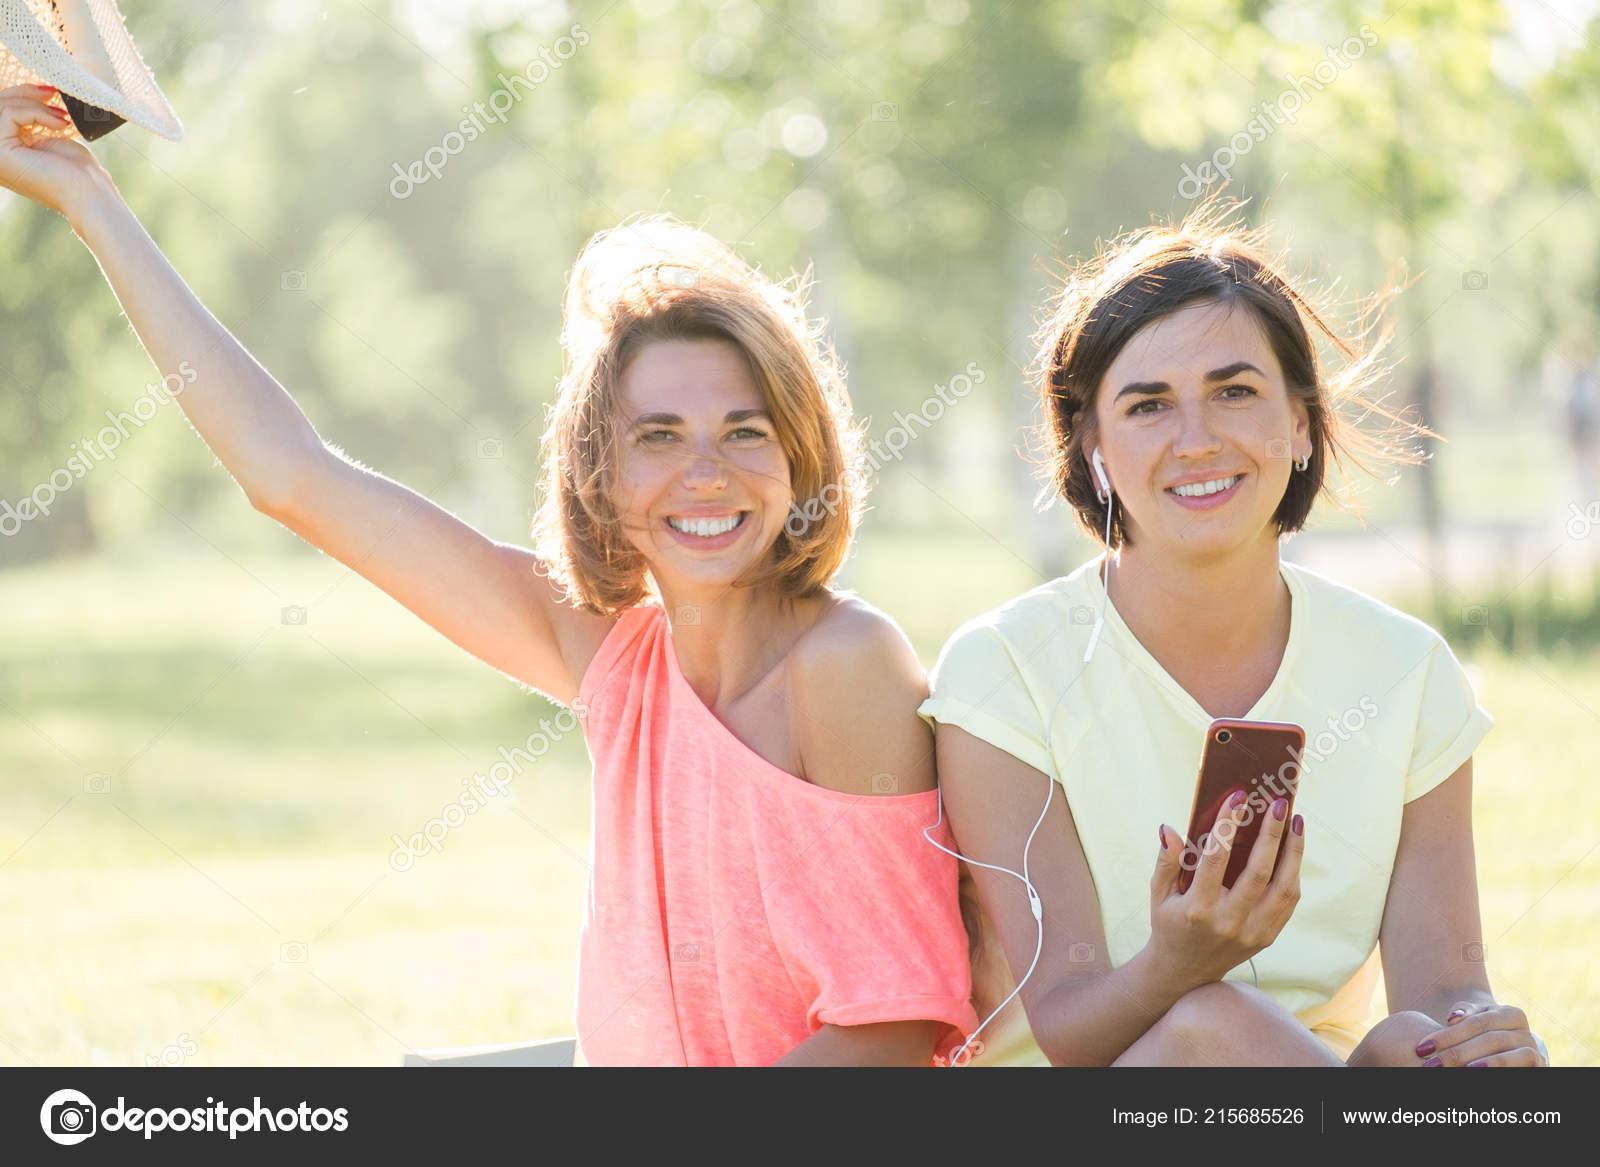 be6981fc87a5 Dos Chicas Guapas Risueños Sentados Césped Escucha Música Smartphone ...